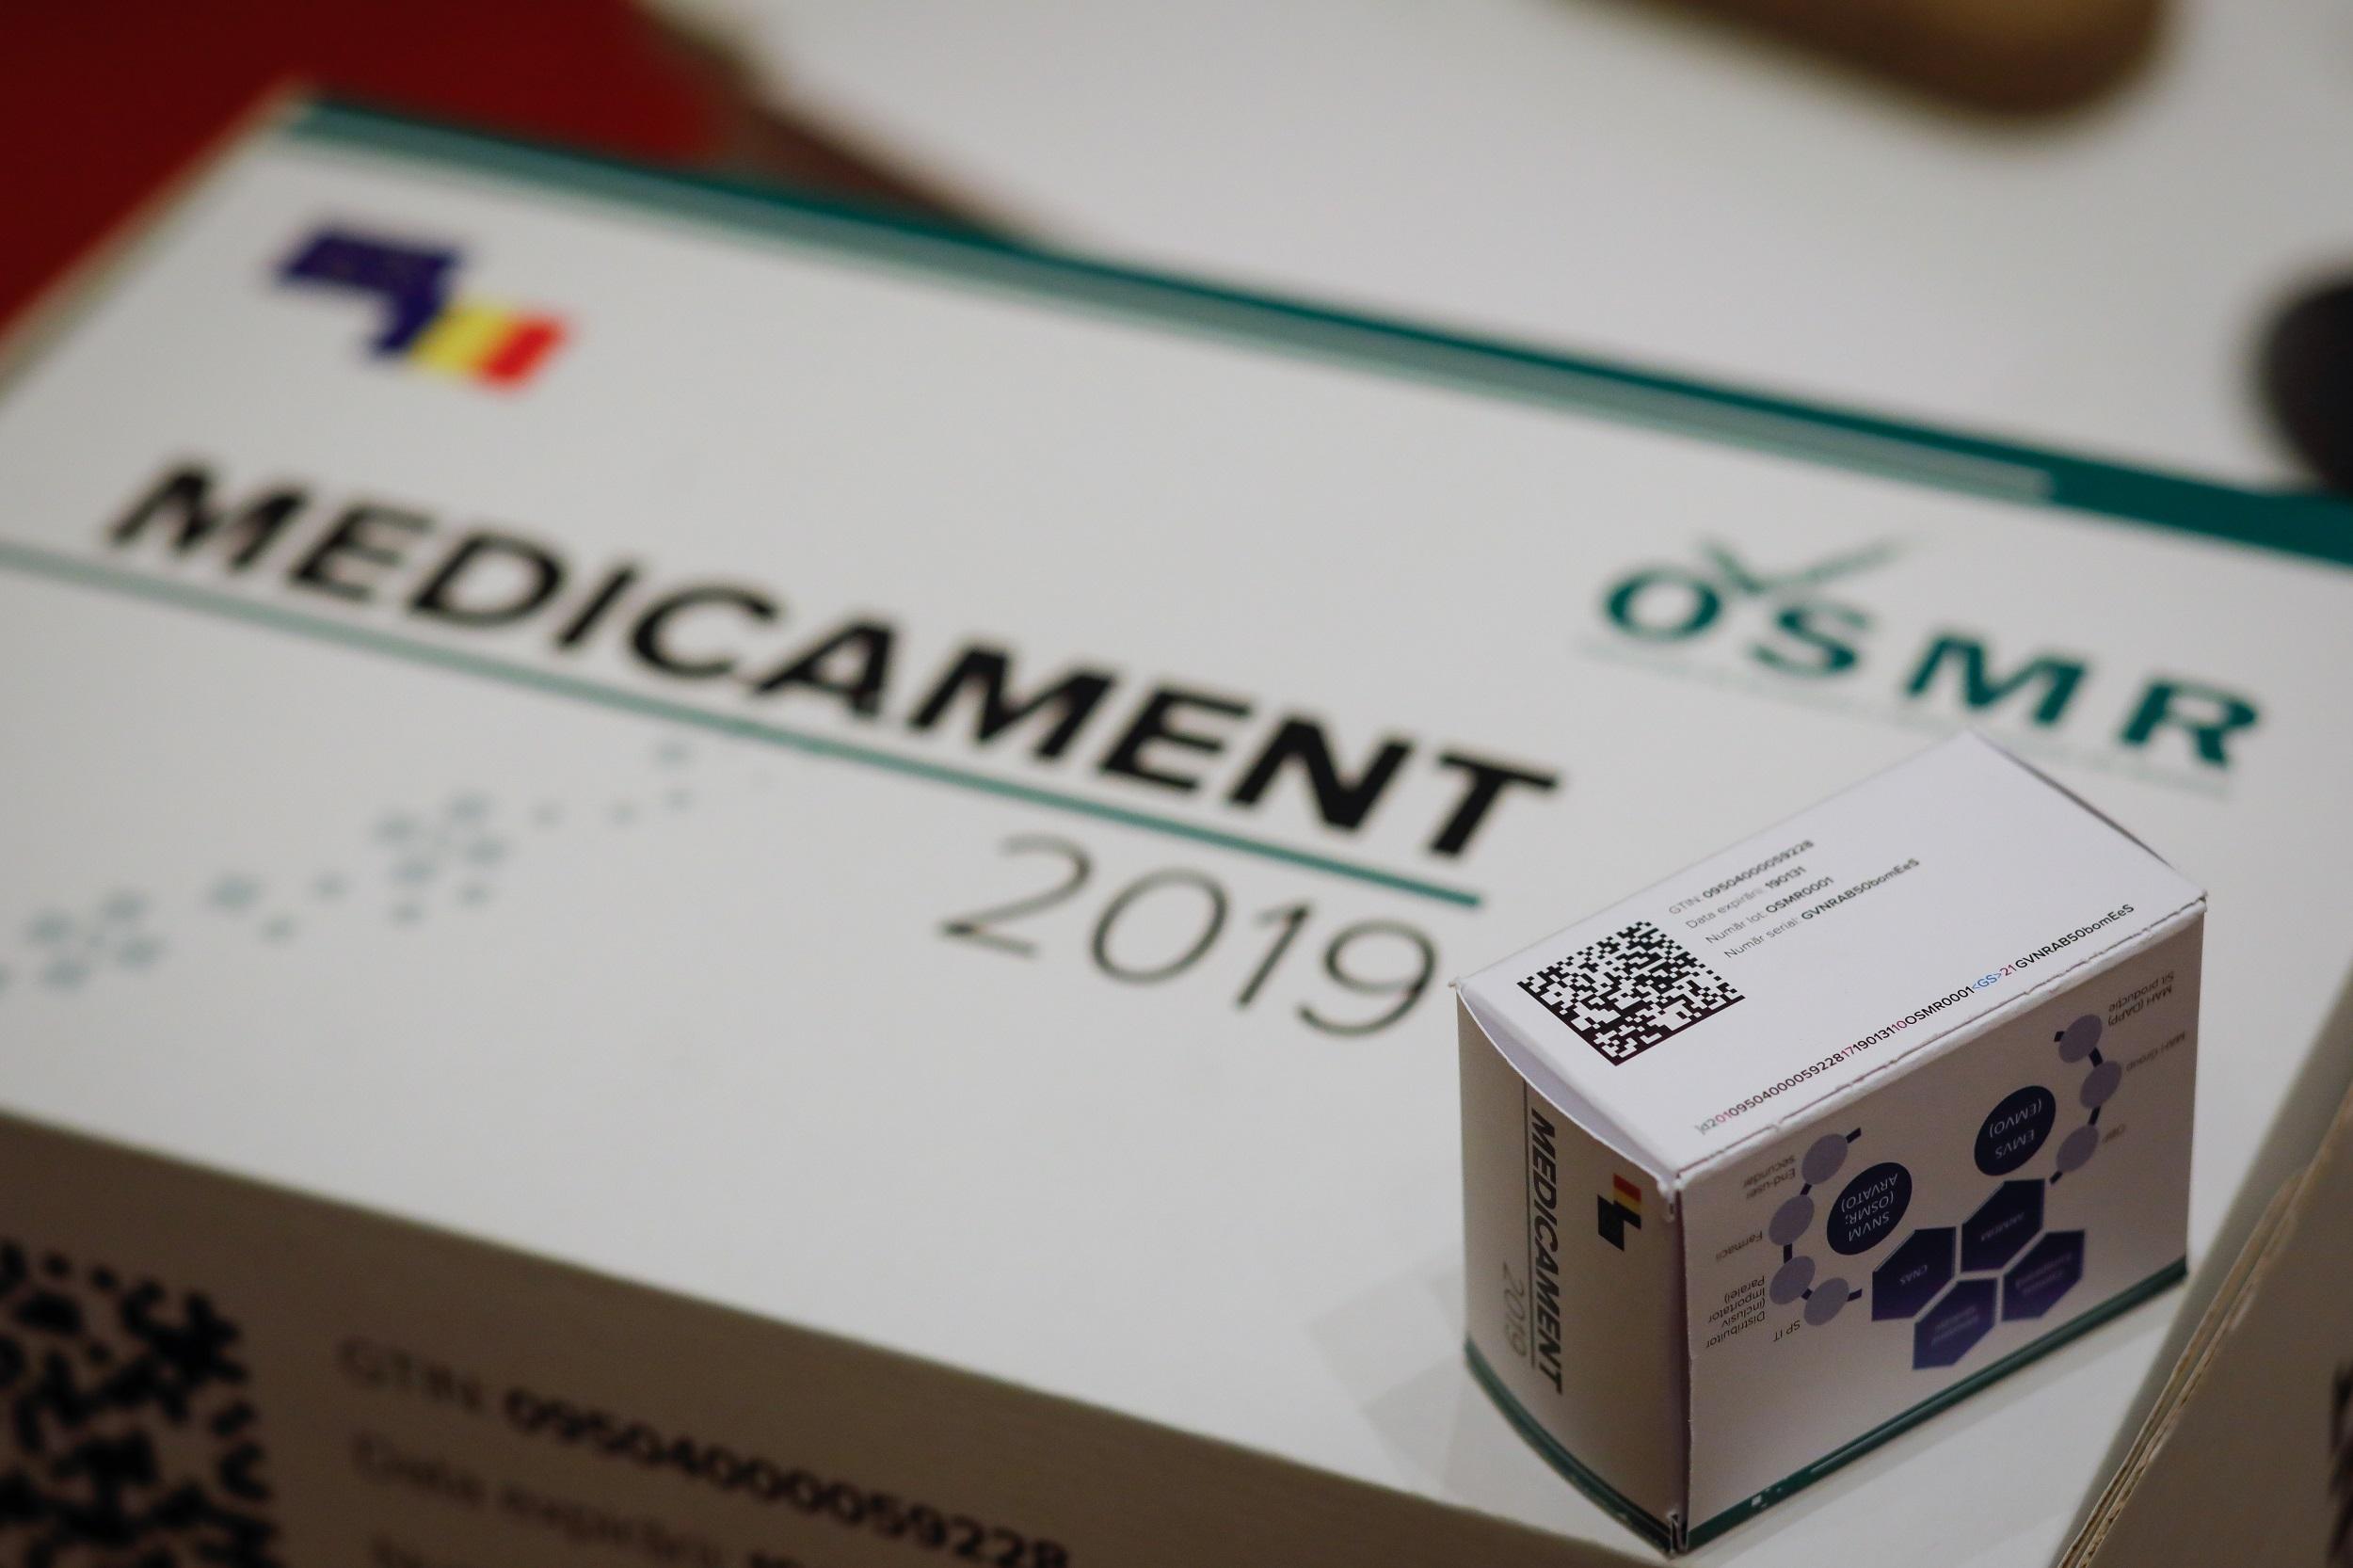 Acces sigur la medicamente nefalsificate - Sistemul Național de Verificare al Medicamentelor (SNVM) devine operațional